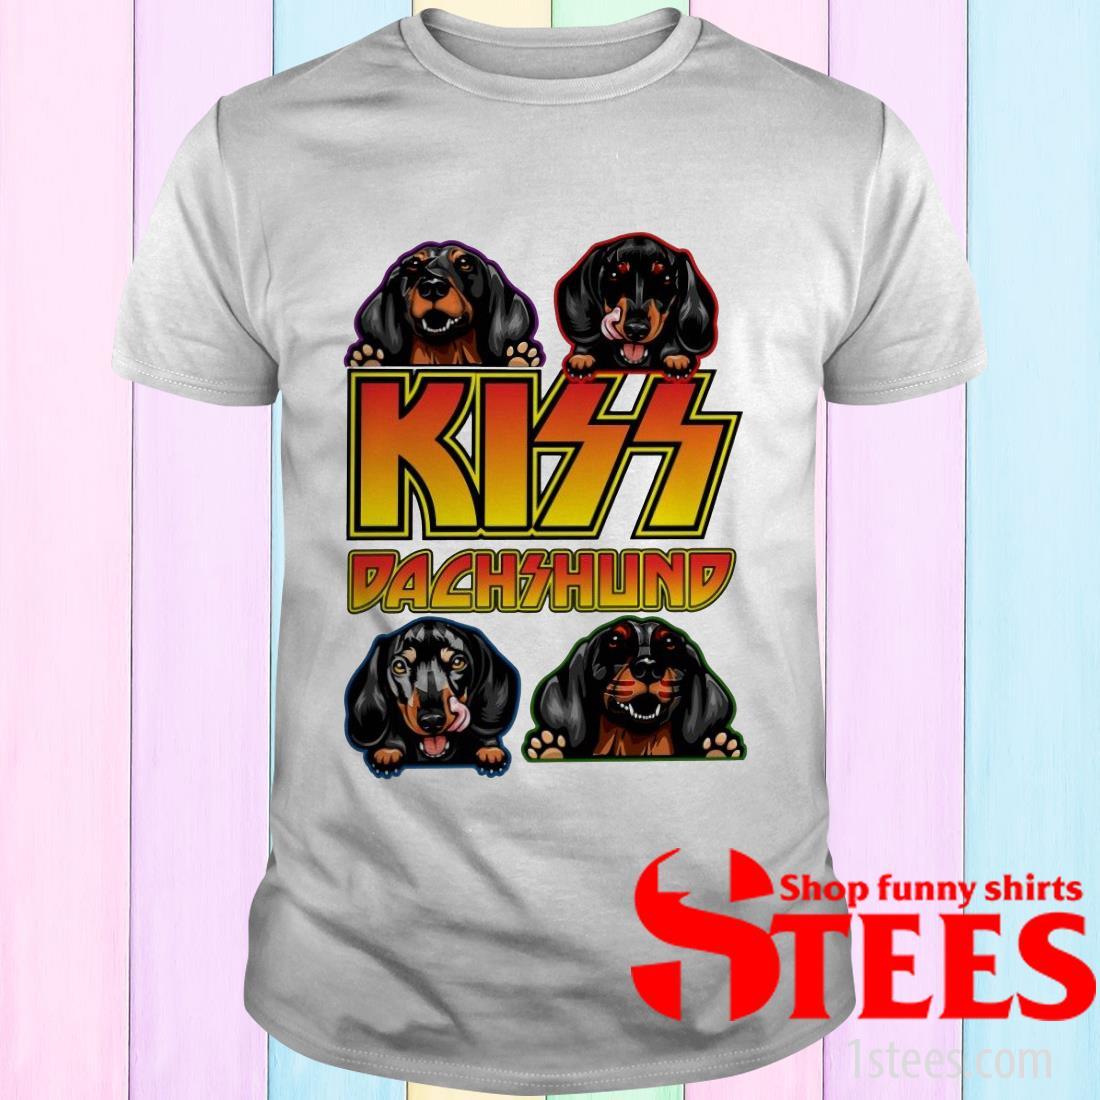 Kiss Band Dachshund T-Shirt